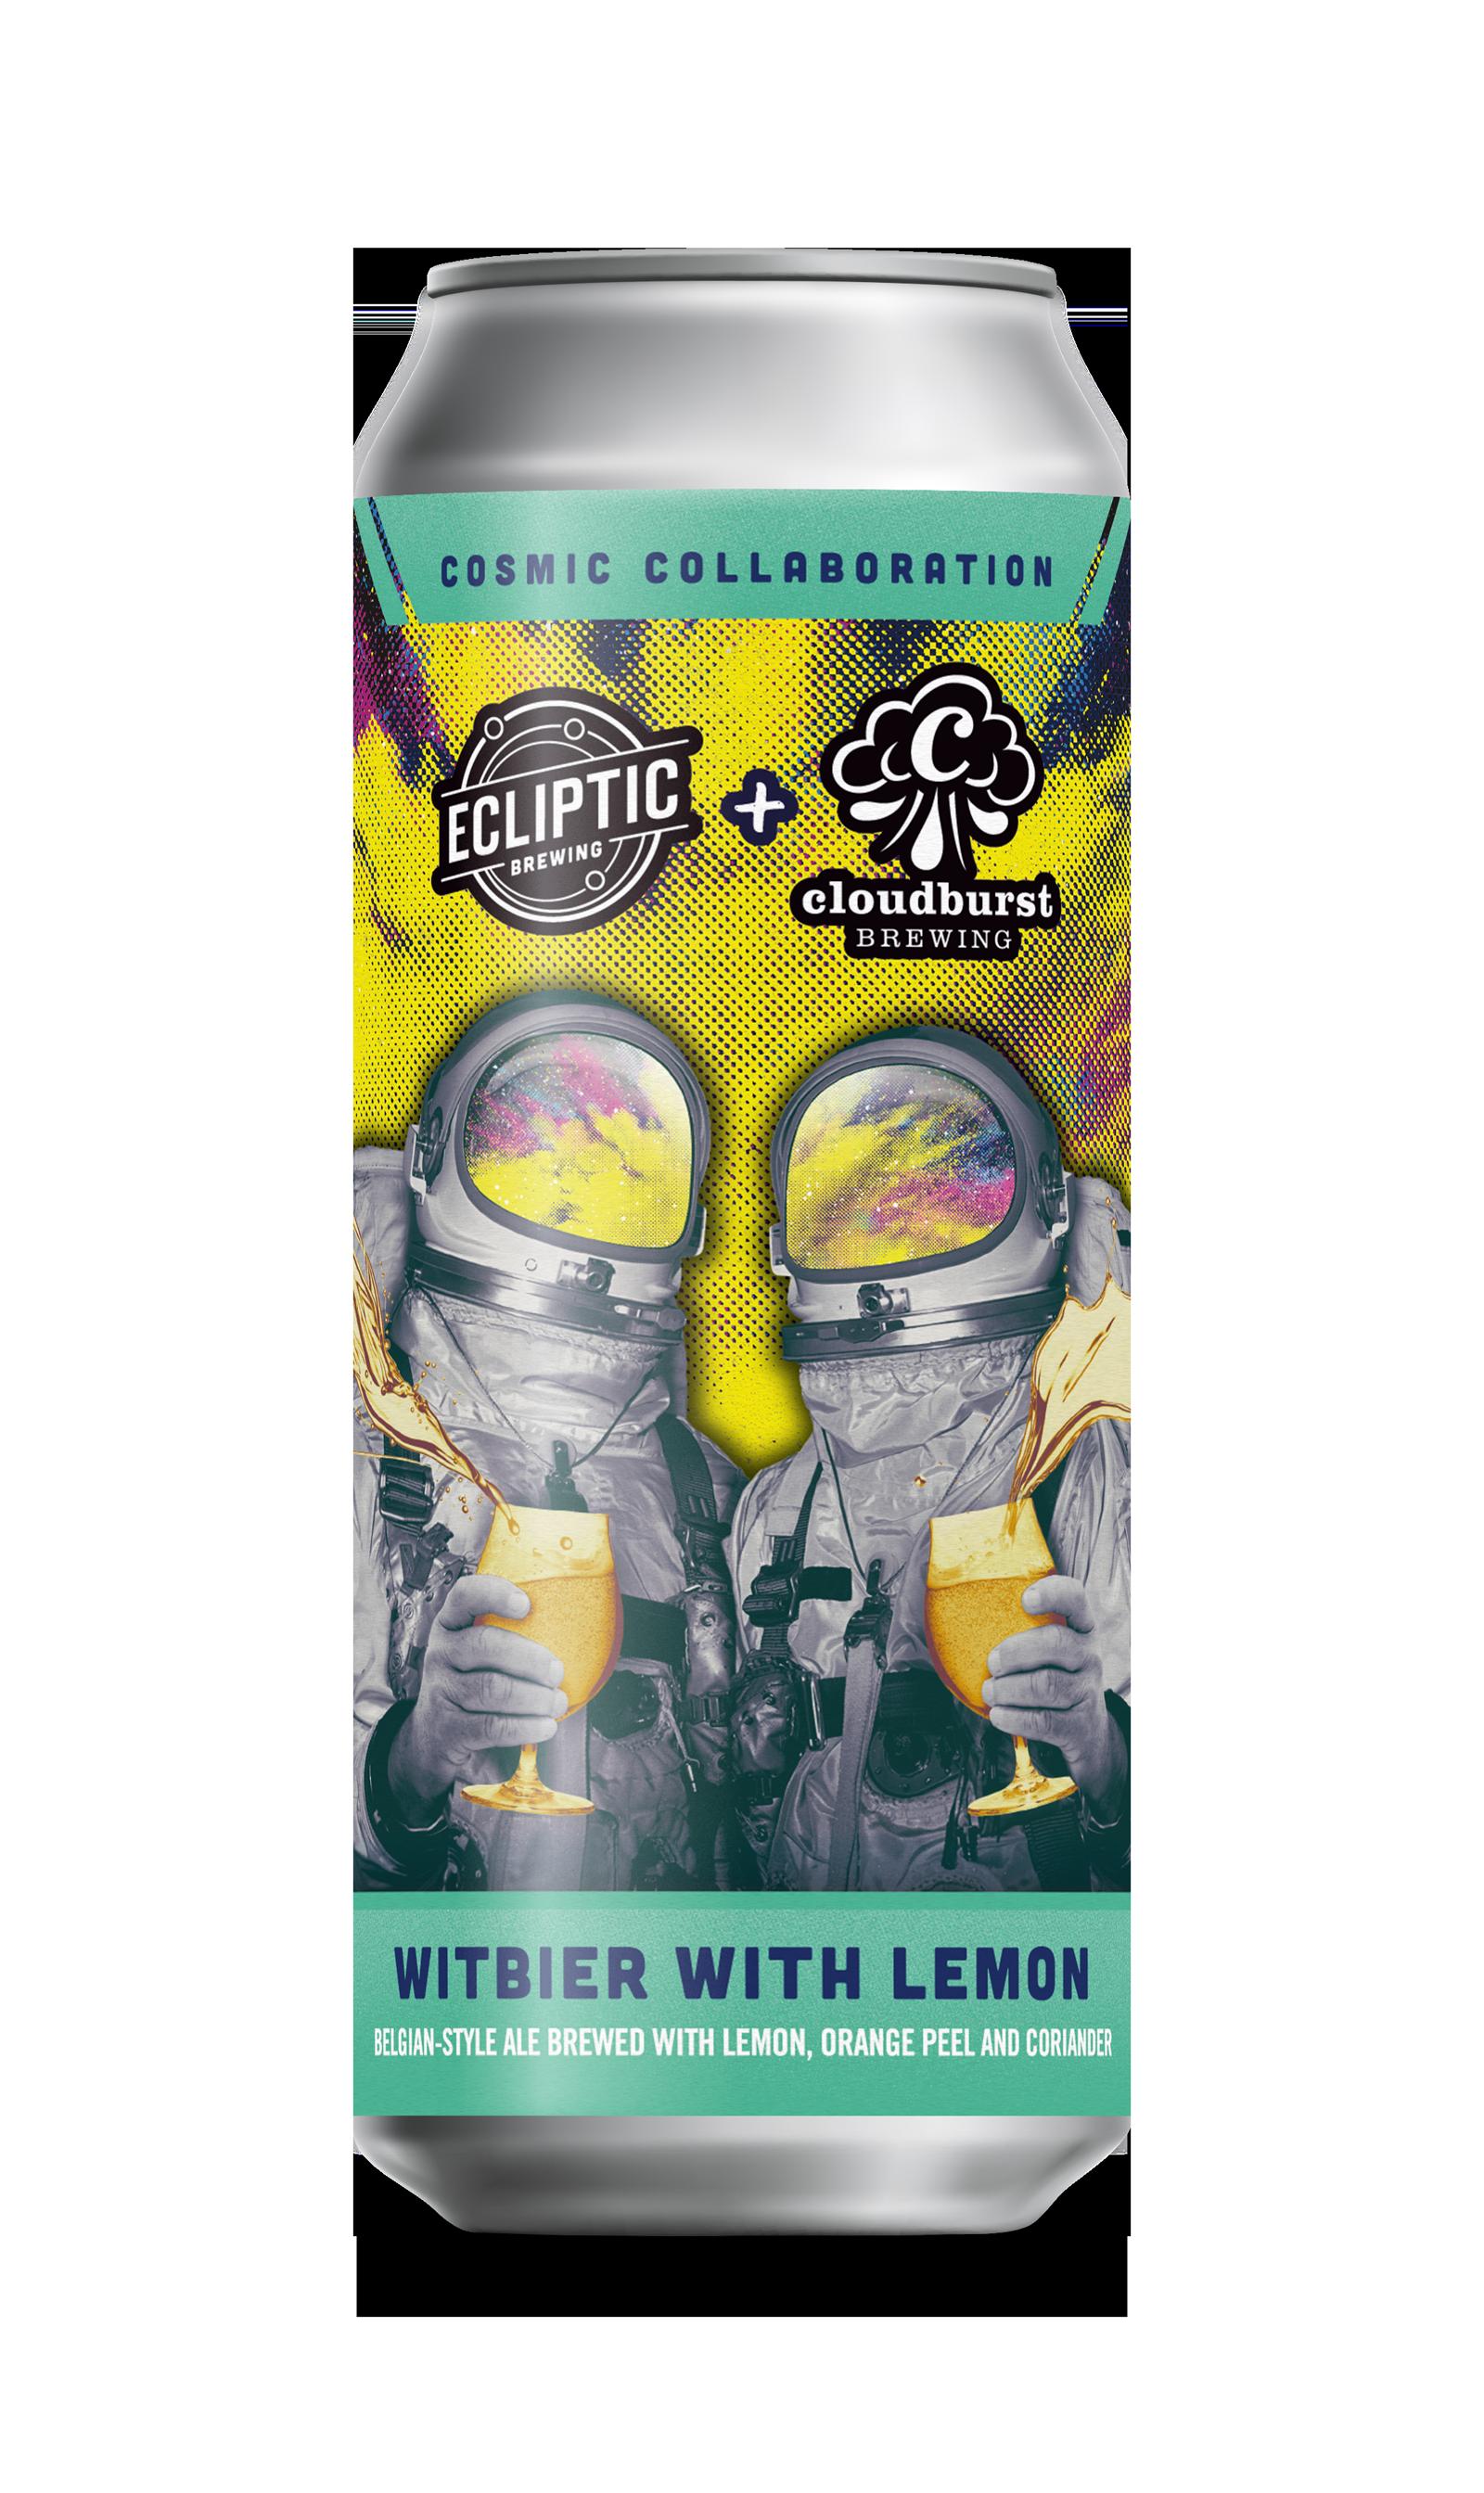 Eccliptic-New-Beer-releases